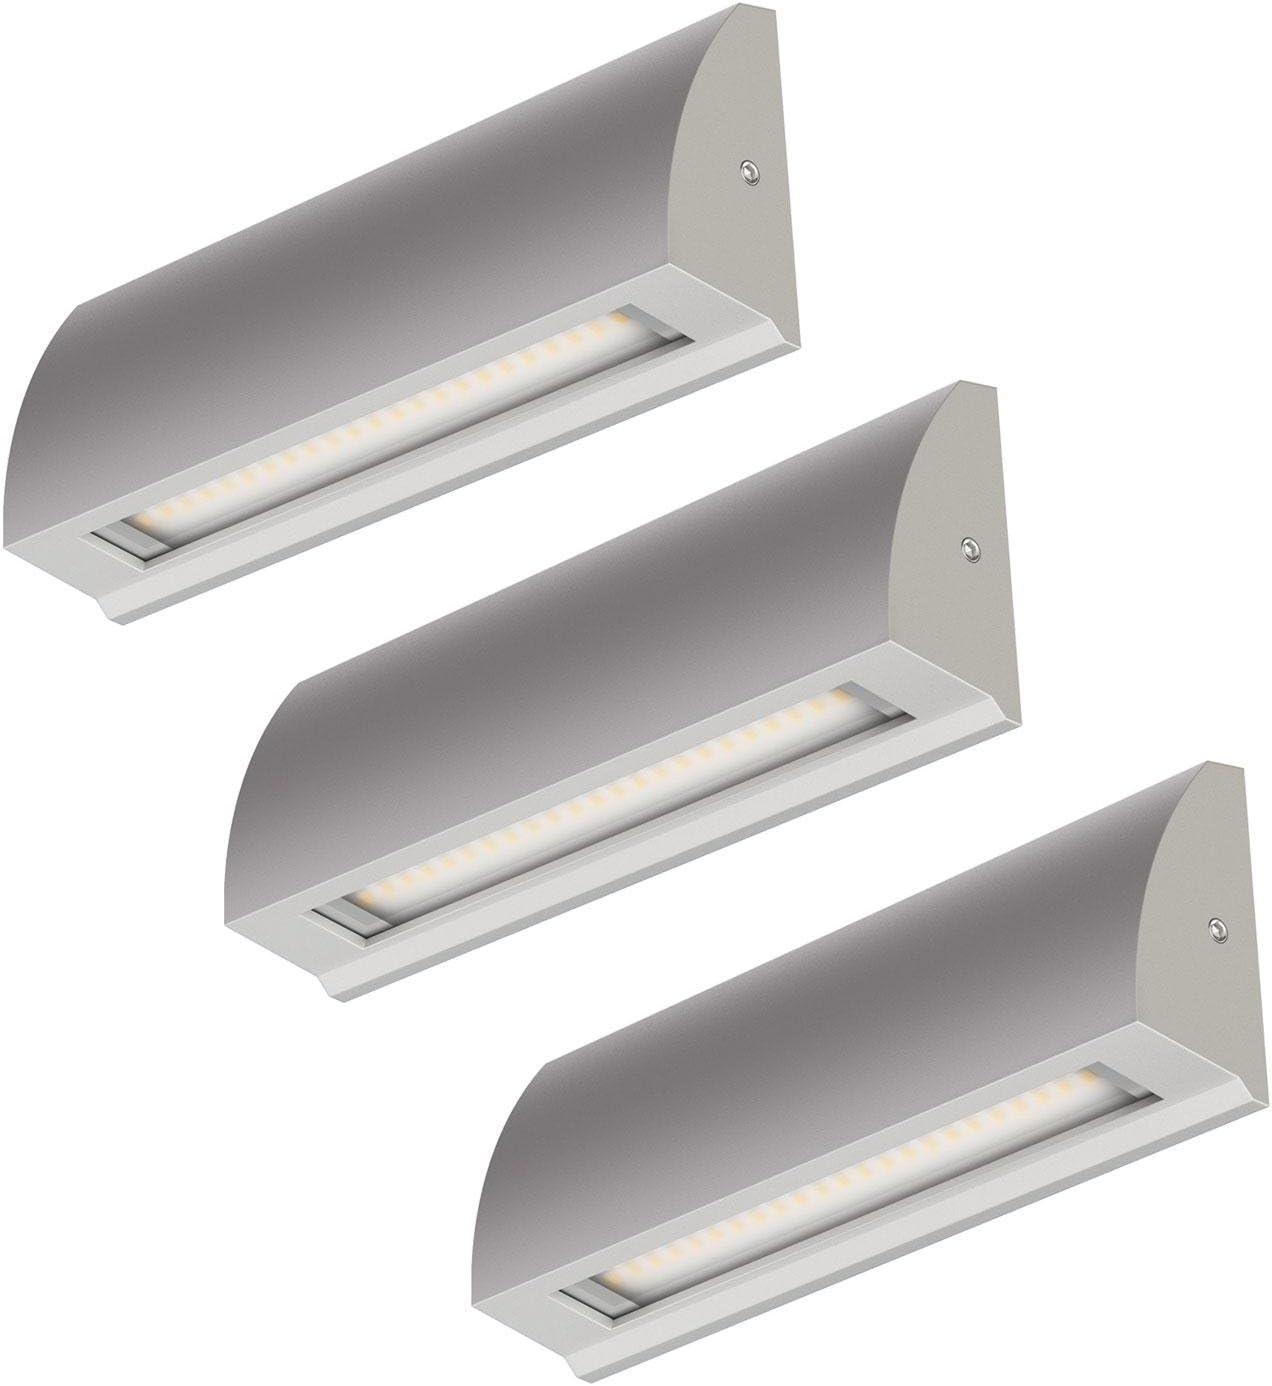 ledscom.de LED lámpara de pared Segin lámpara de escalera para interior y exterior, plano, Aufbau, silber-gris, blanca fría, 190lm: Amazon.es: Iluminación